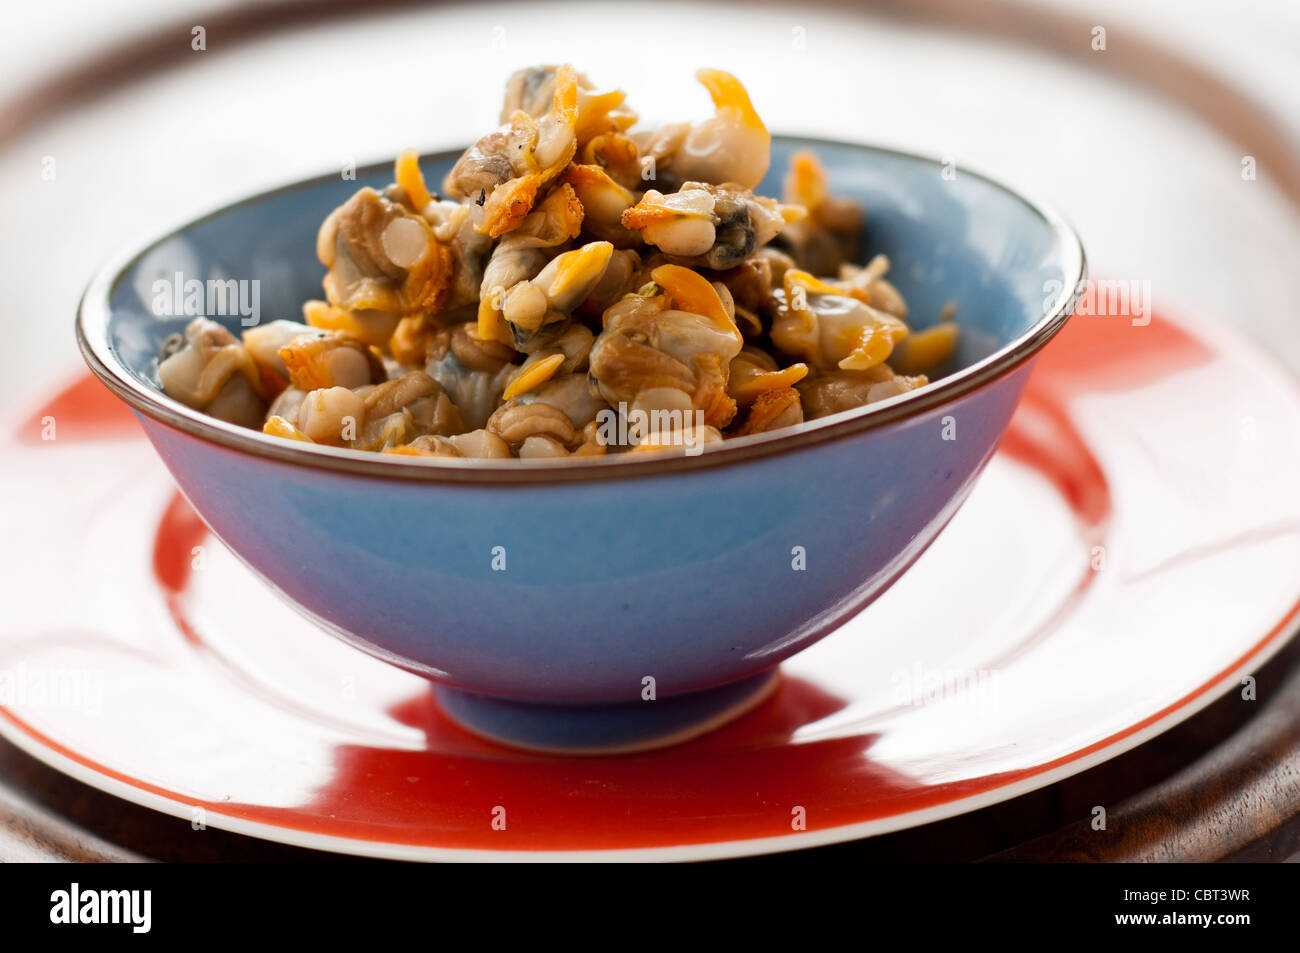 Coques à la vapeur douce simple et servi avec sel et vinaigre Photo Stock